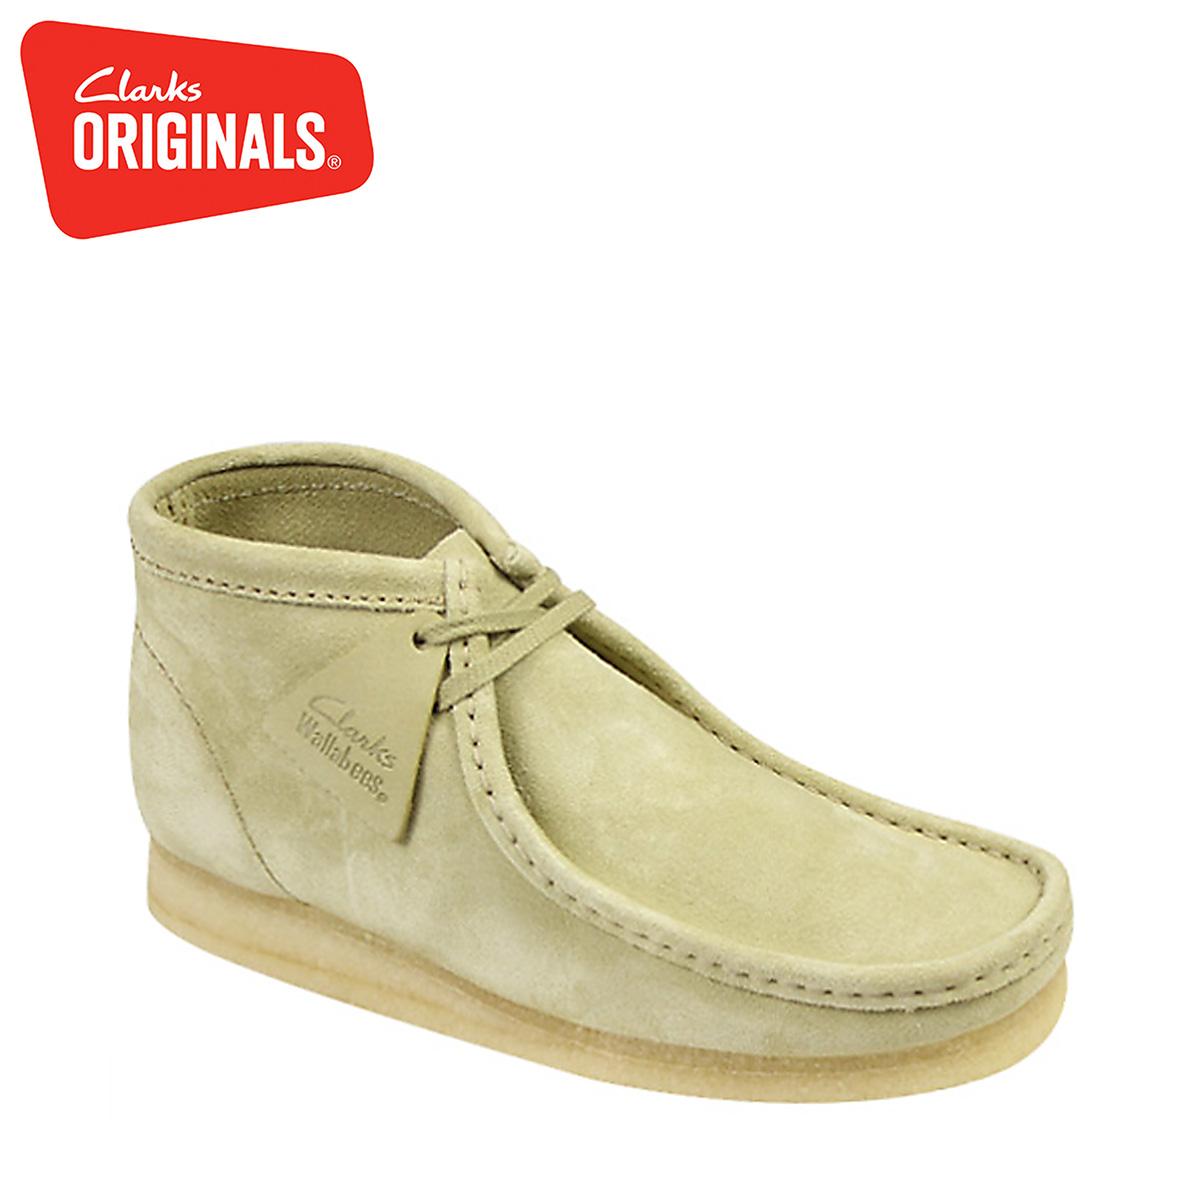 Clarks ORIGINALS ワラビー ブーツ メンズ クラークス WALLABEE BOOT オリジナルズ Mワイズ 26103811